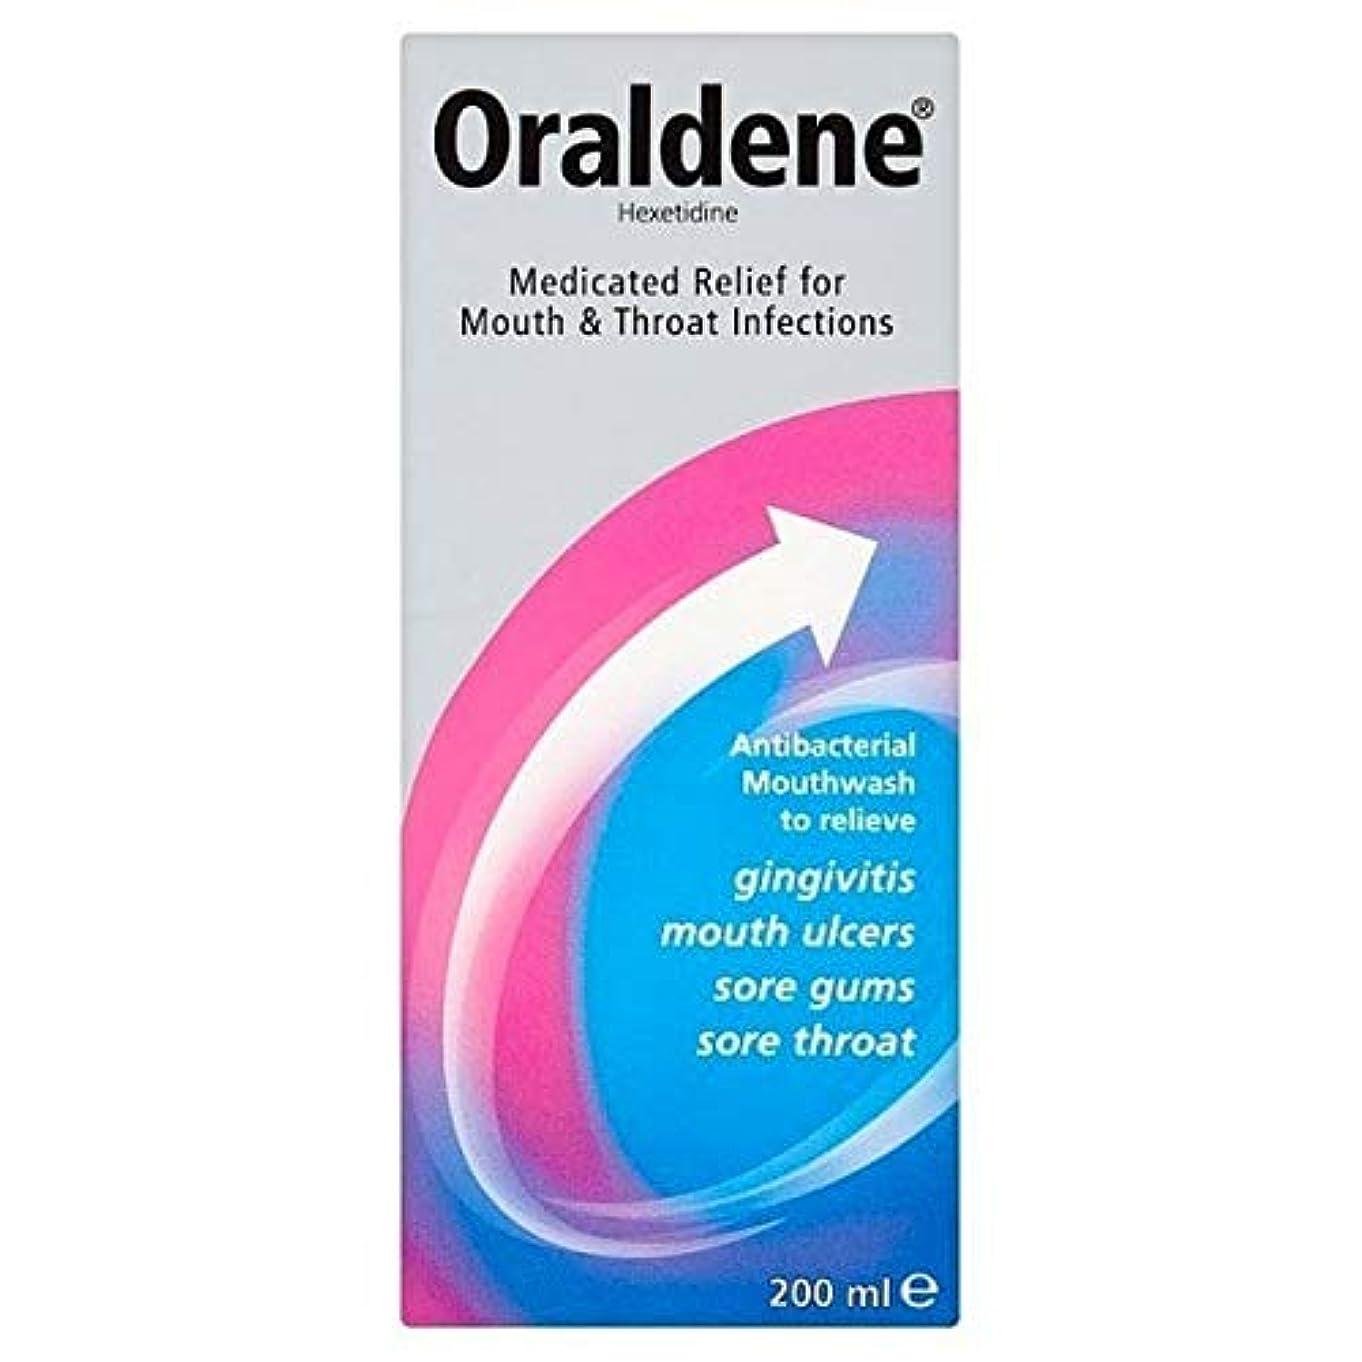 穀物カセットラッドヤードキップリング[Oraldene] Oraldeneマウスウォッシュ200ミリリットル - Oraldene Mouthwash 200ml [並行輸入品]